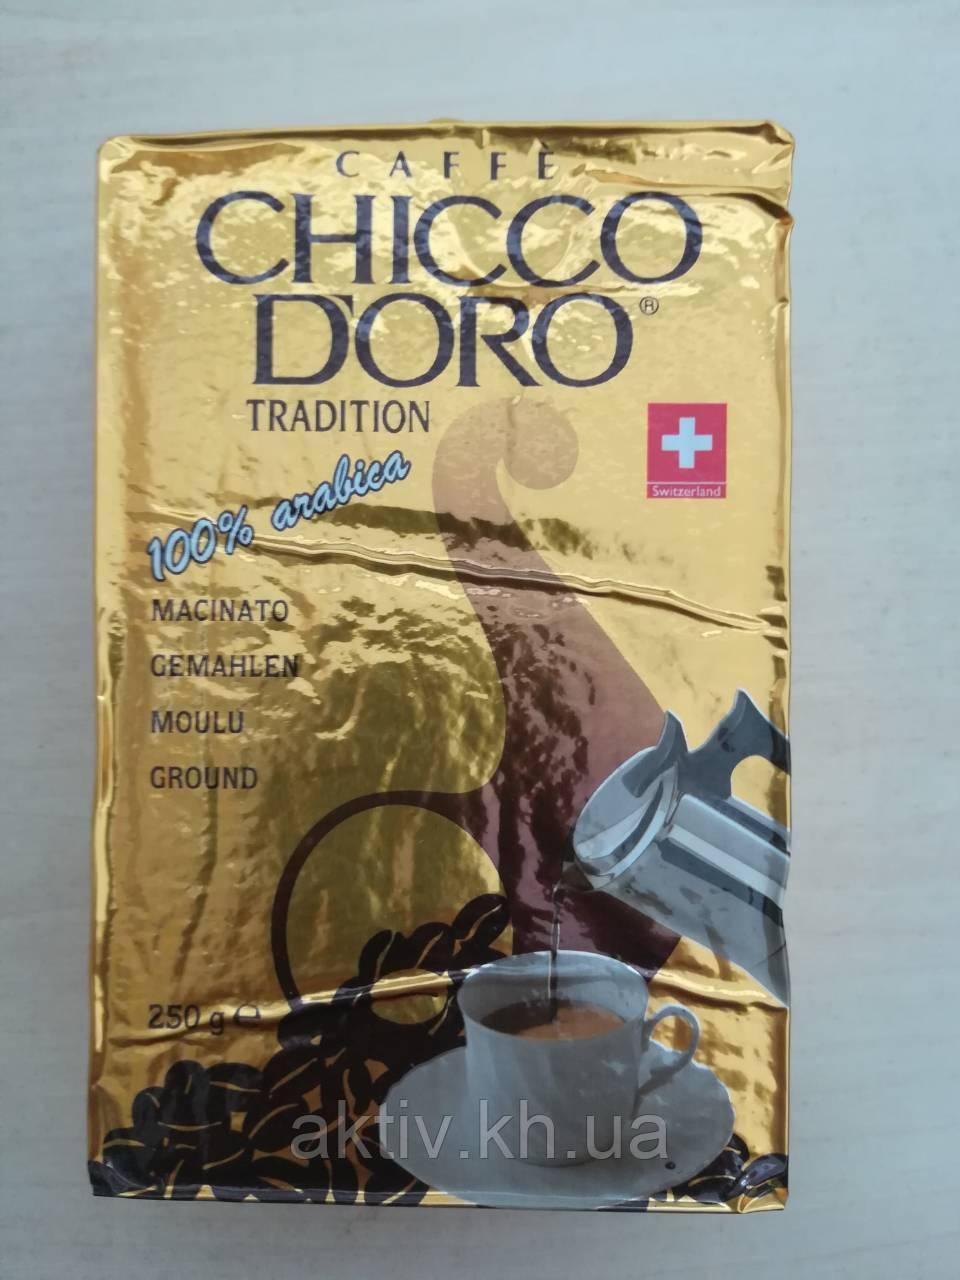 Chicco Doro tradition